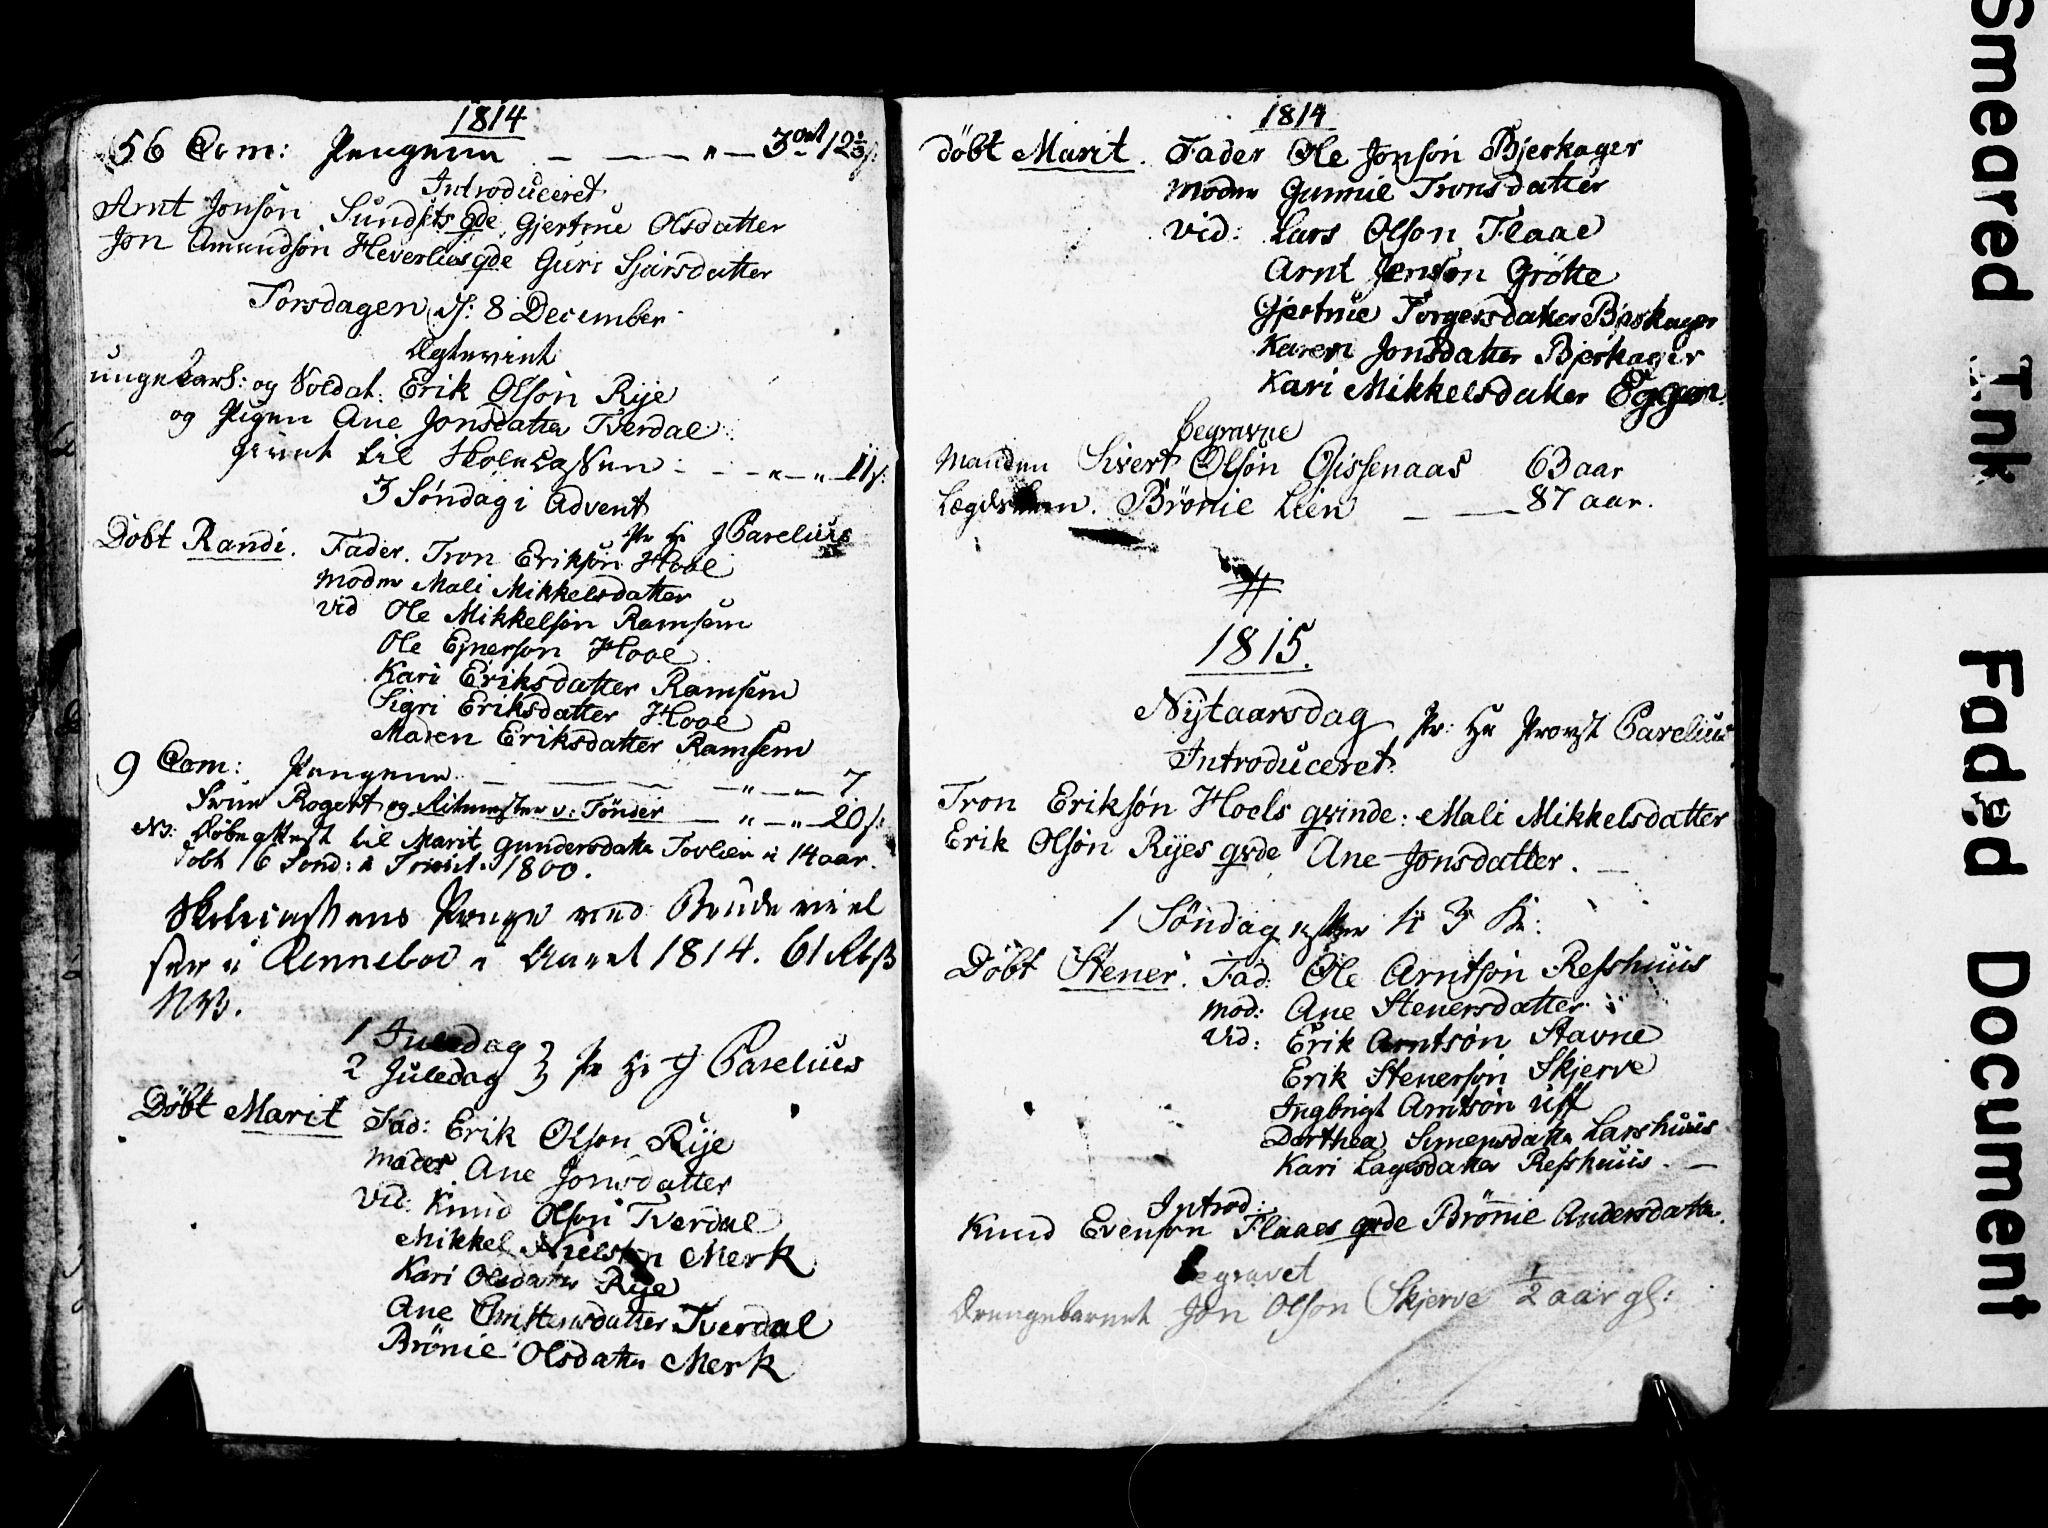 SAT, Ministerialprotokoller, klokkerbøker og fødselsregistre - Sør-Trøndelag, 674/L0881: Klokkerbok nr. 674C08, 1813-1818